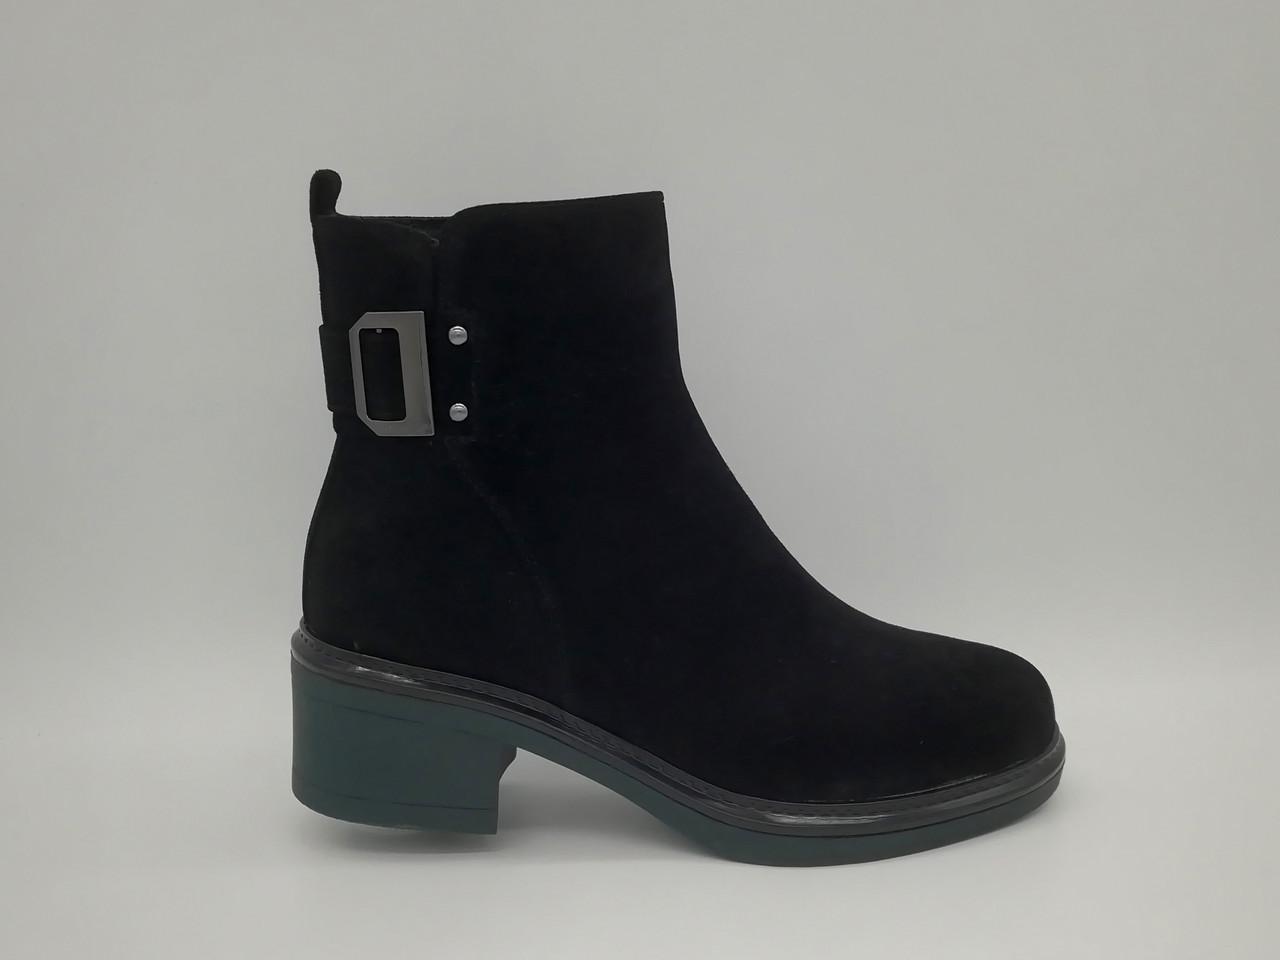 Зимові черевики на товстій підошві. Маленькі (33 - 35) розміри.